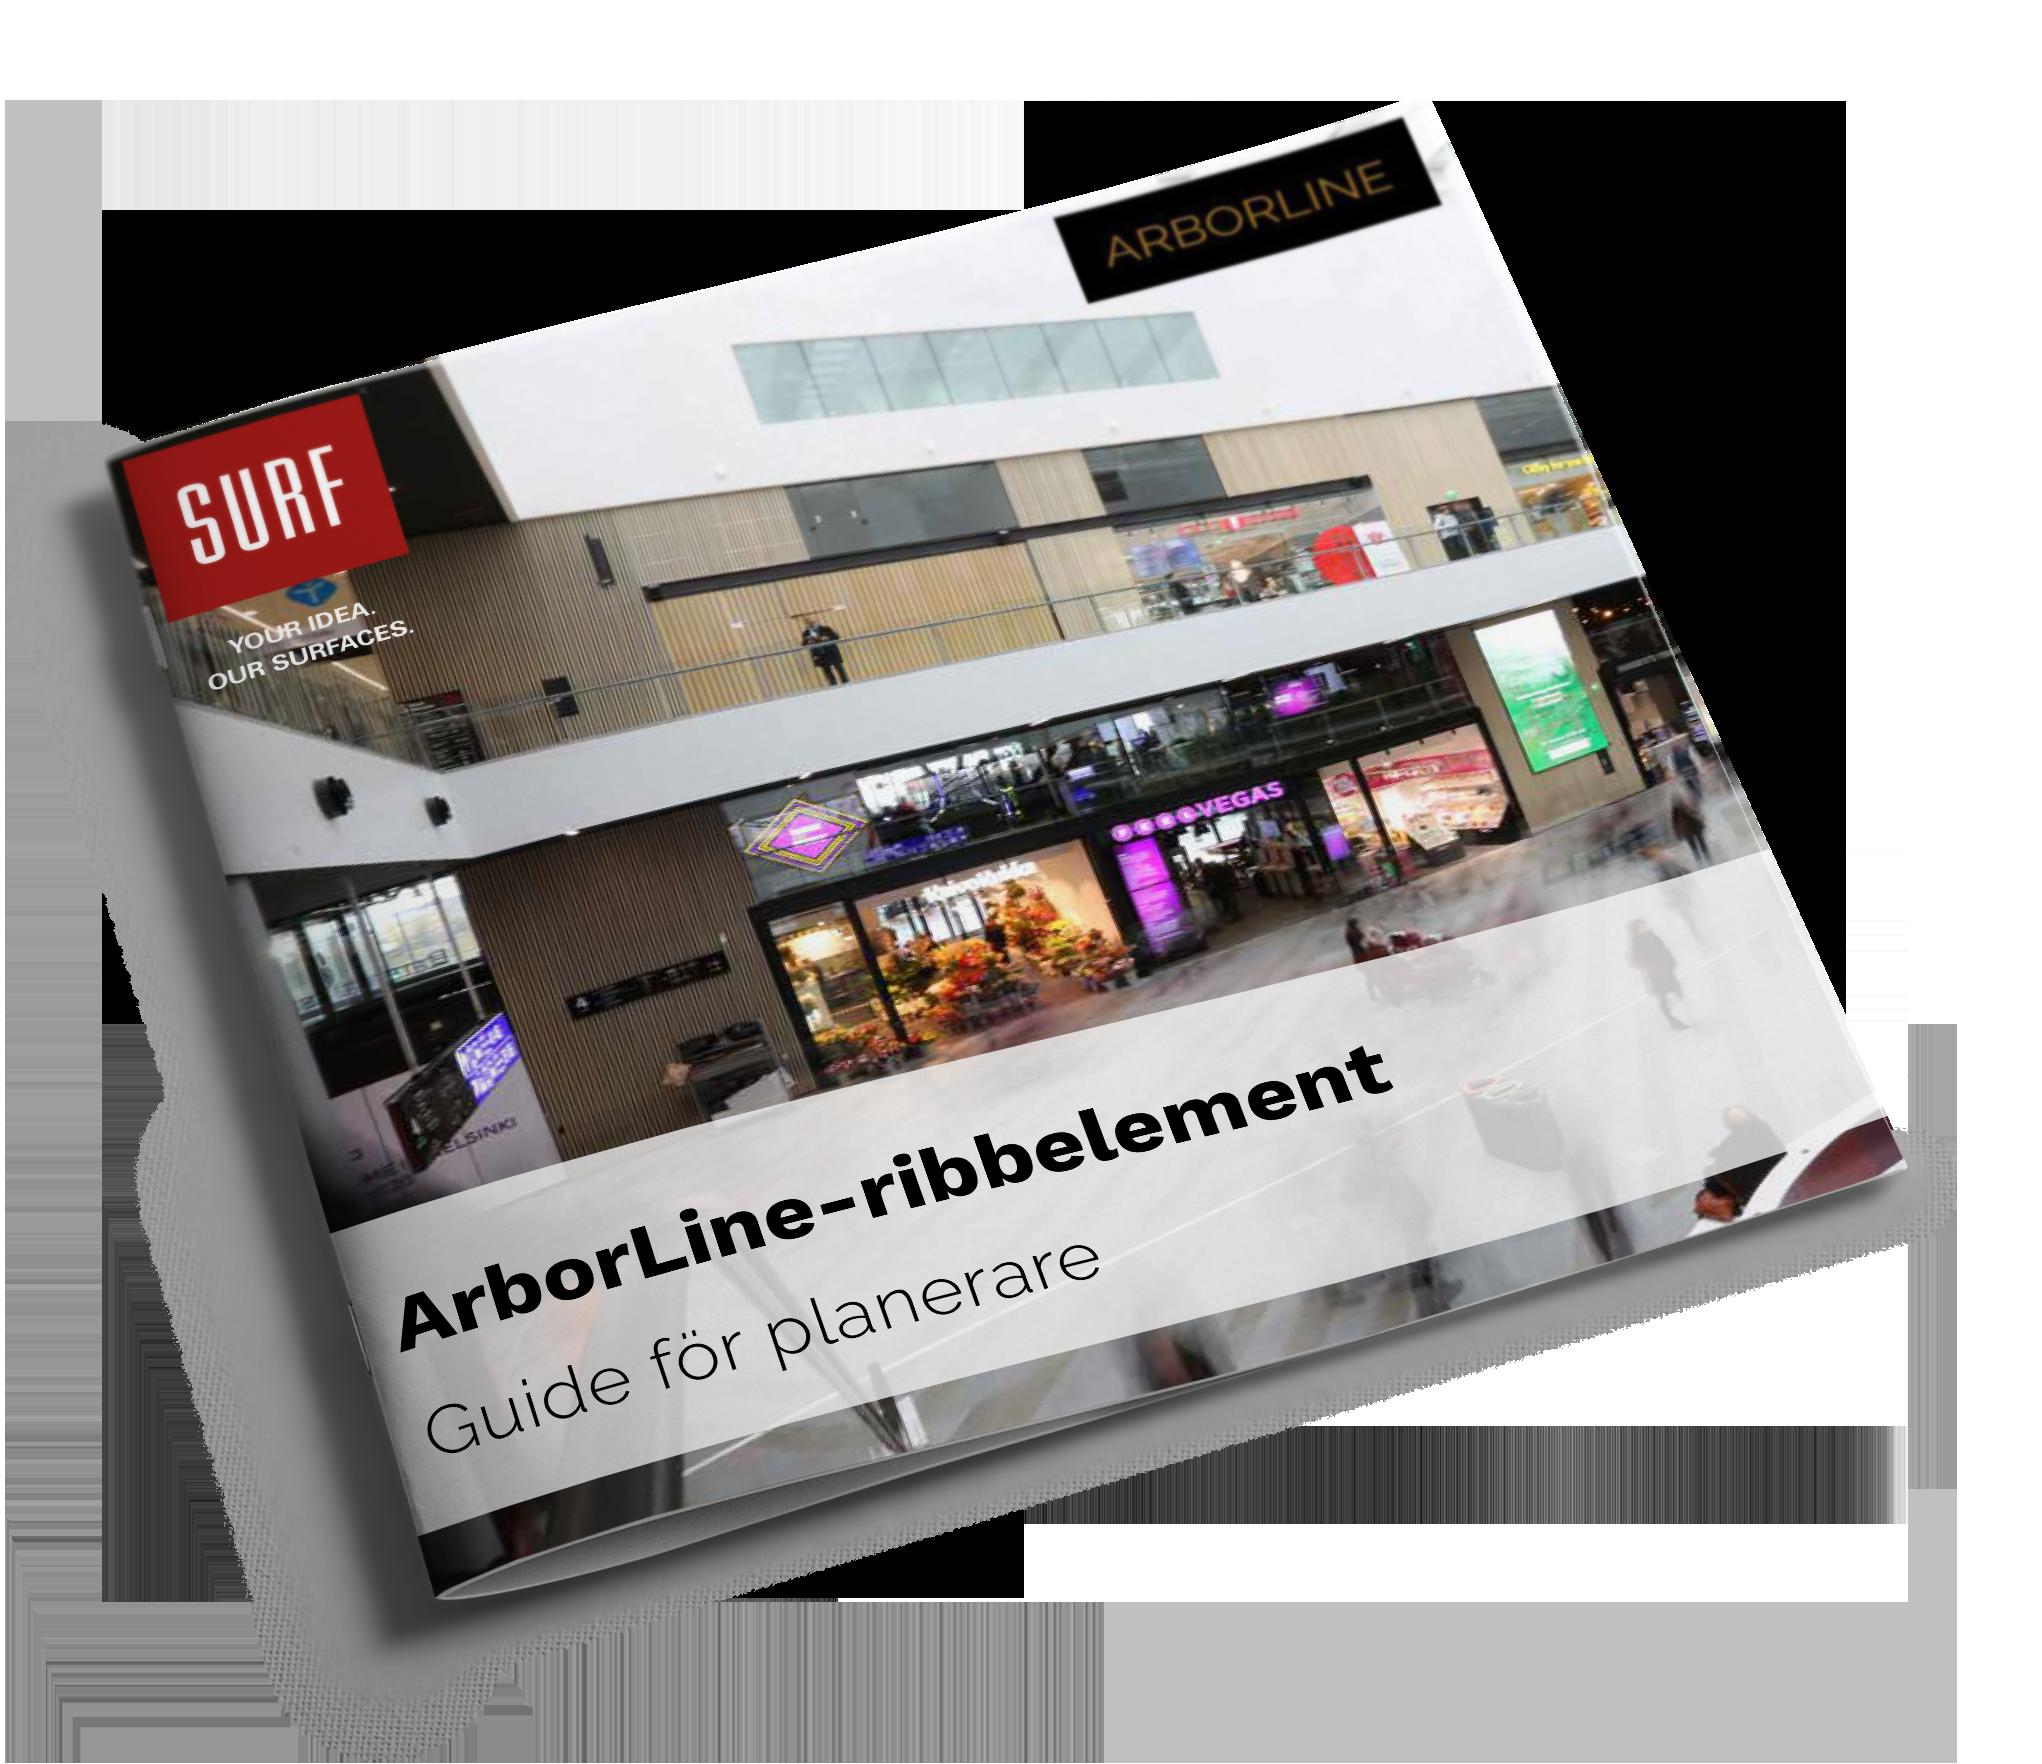 ArborLine - guide för planerare